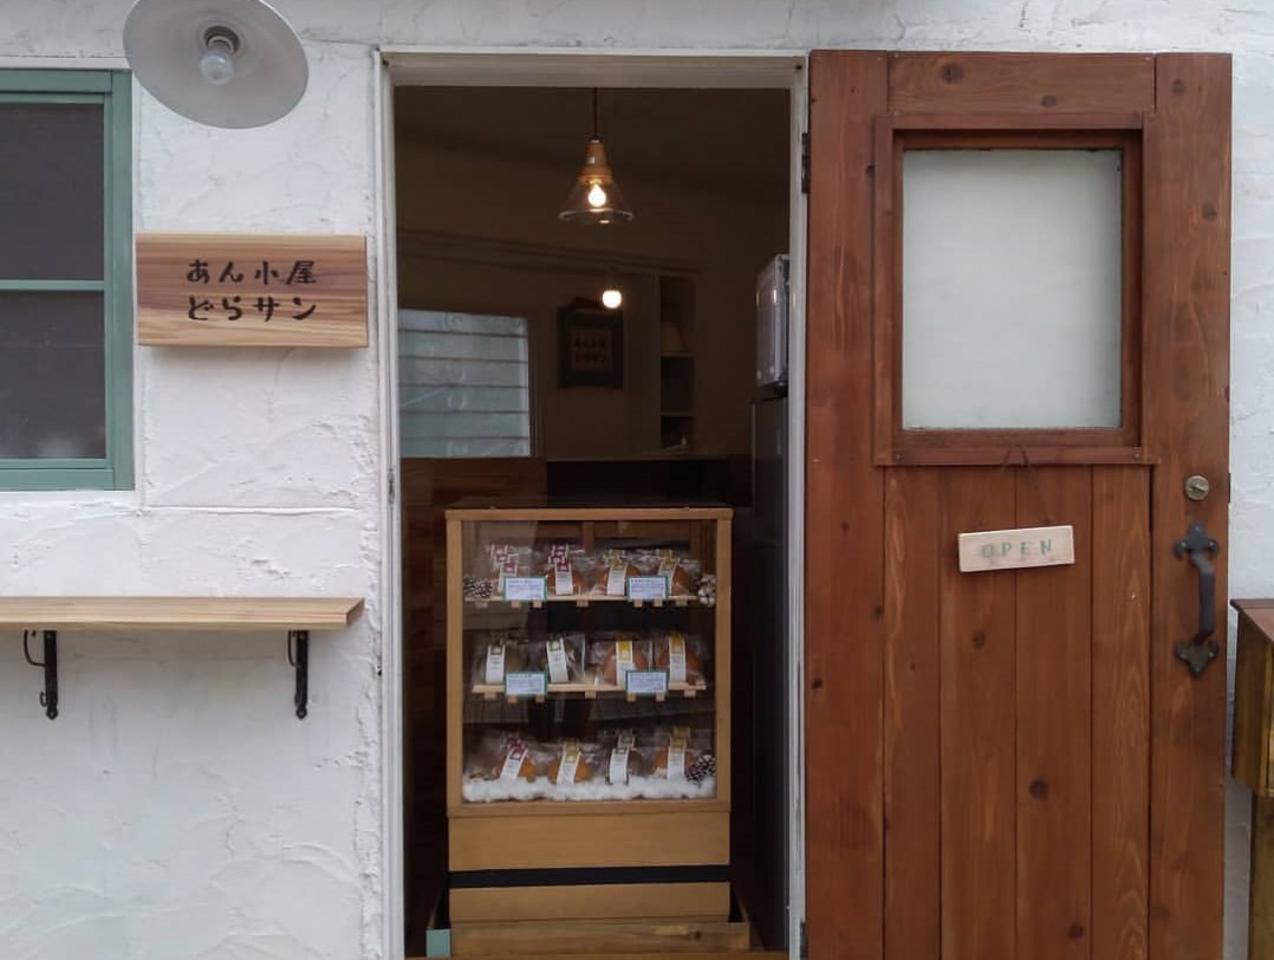 毎日ポカポカ穏やかな気持ちで..大阪府高槻市城北町2丁目に『あん小屋 どらサン』オープン